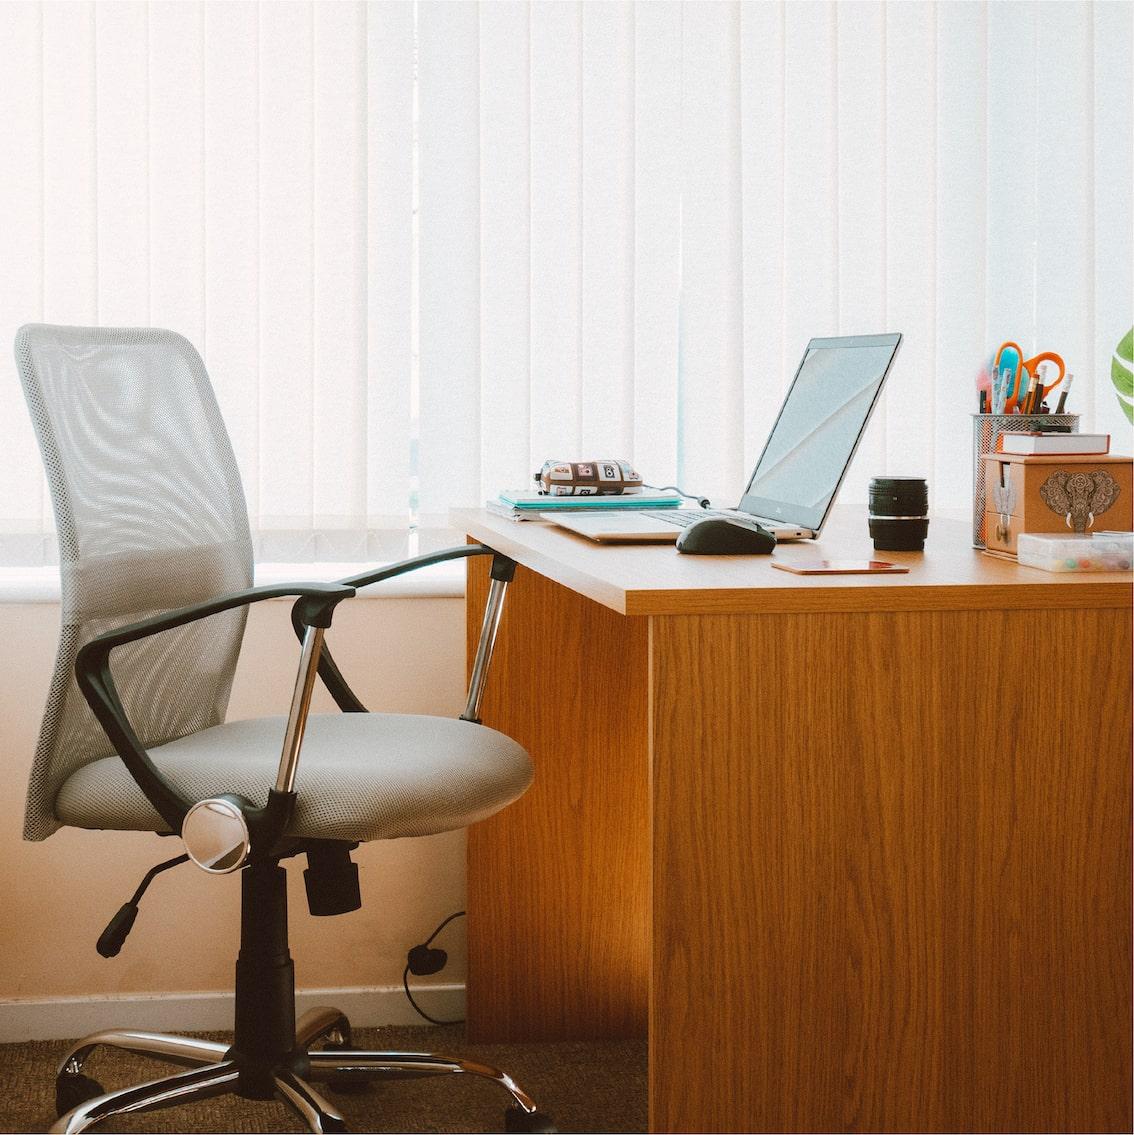 Bureau avec chaise grise